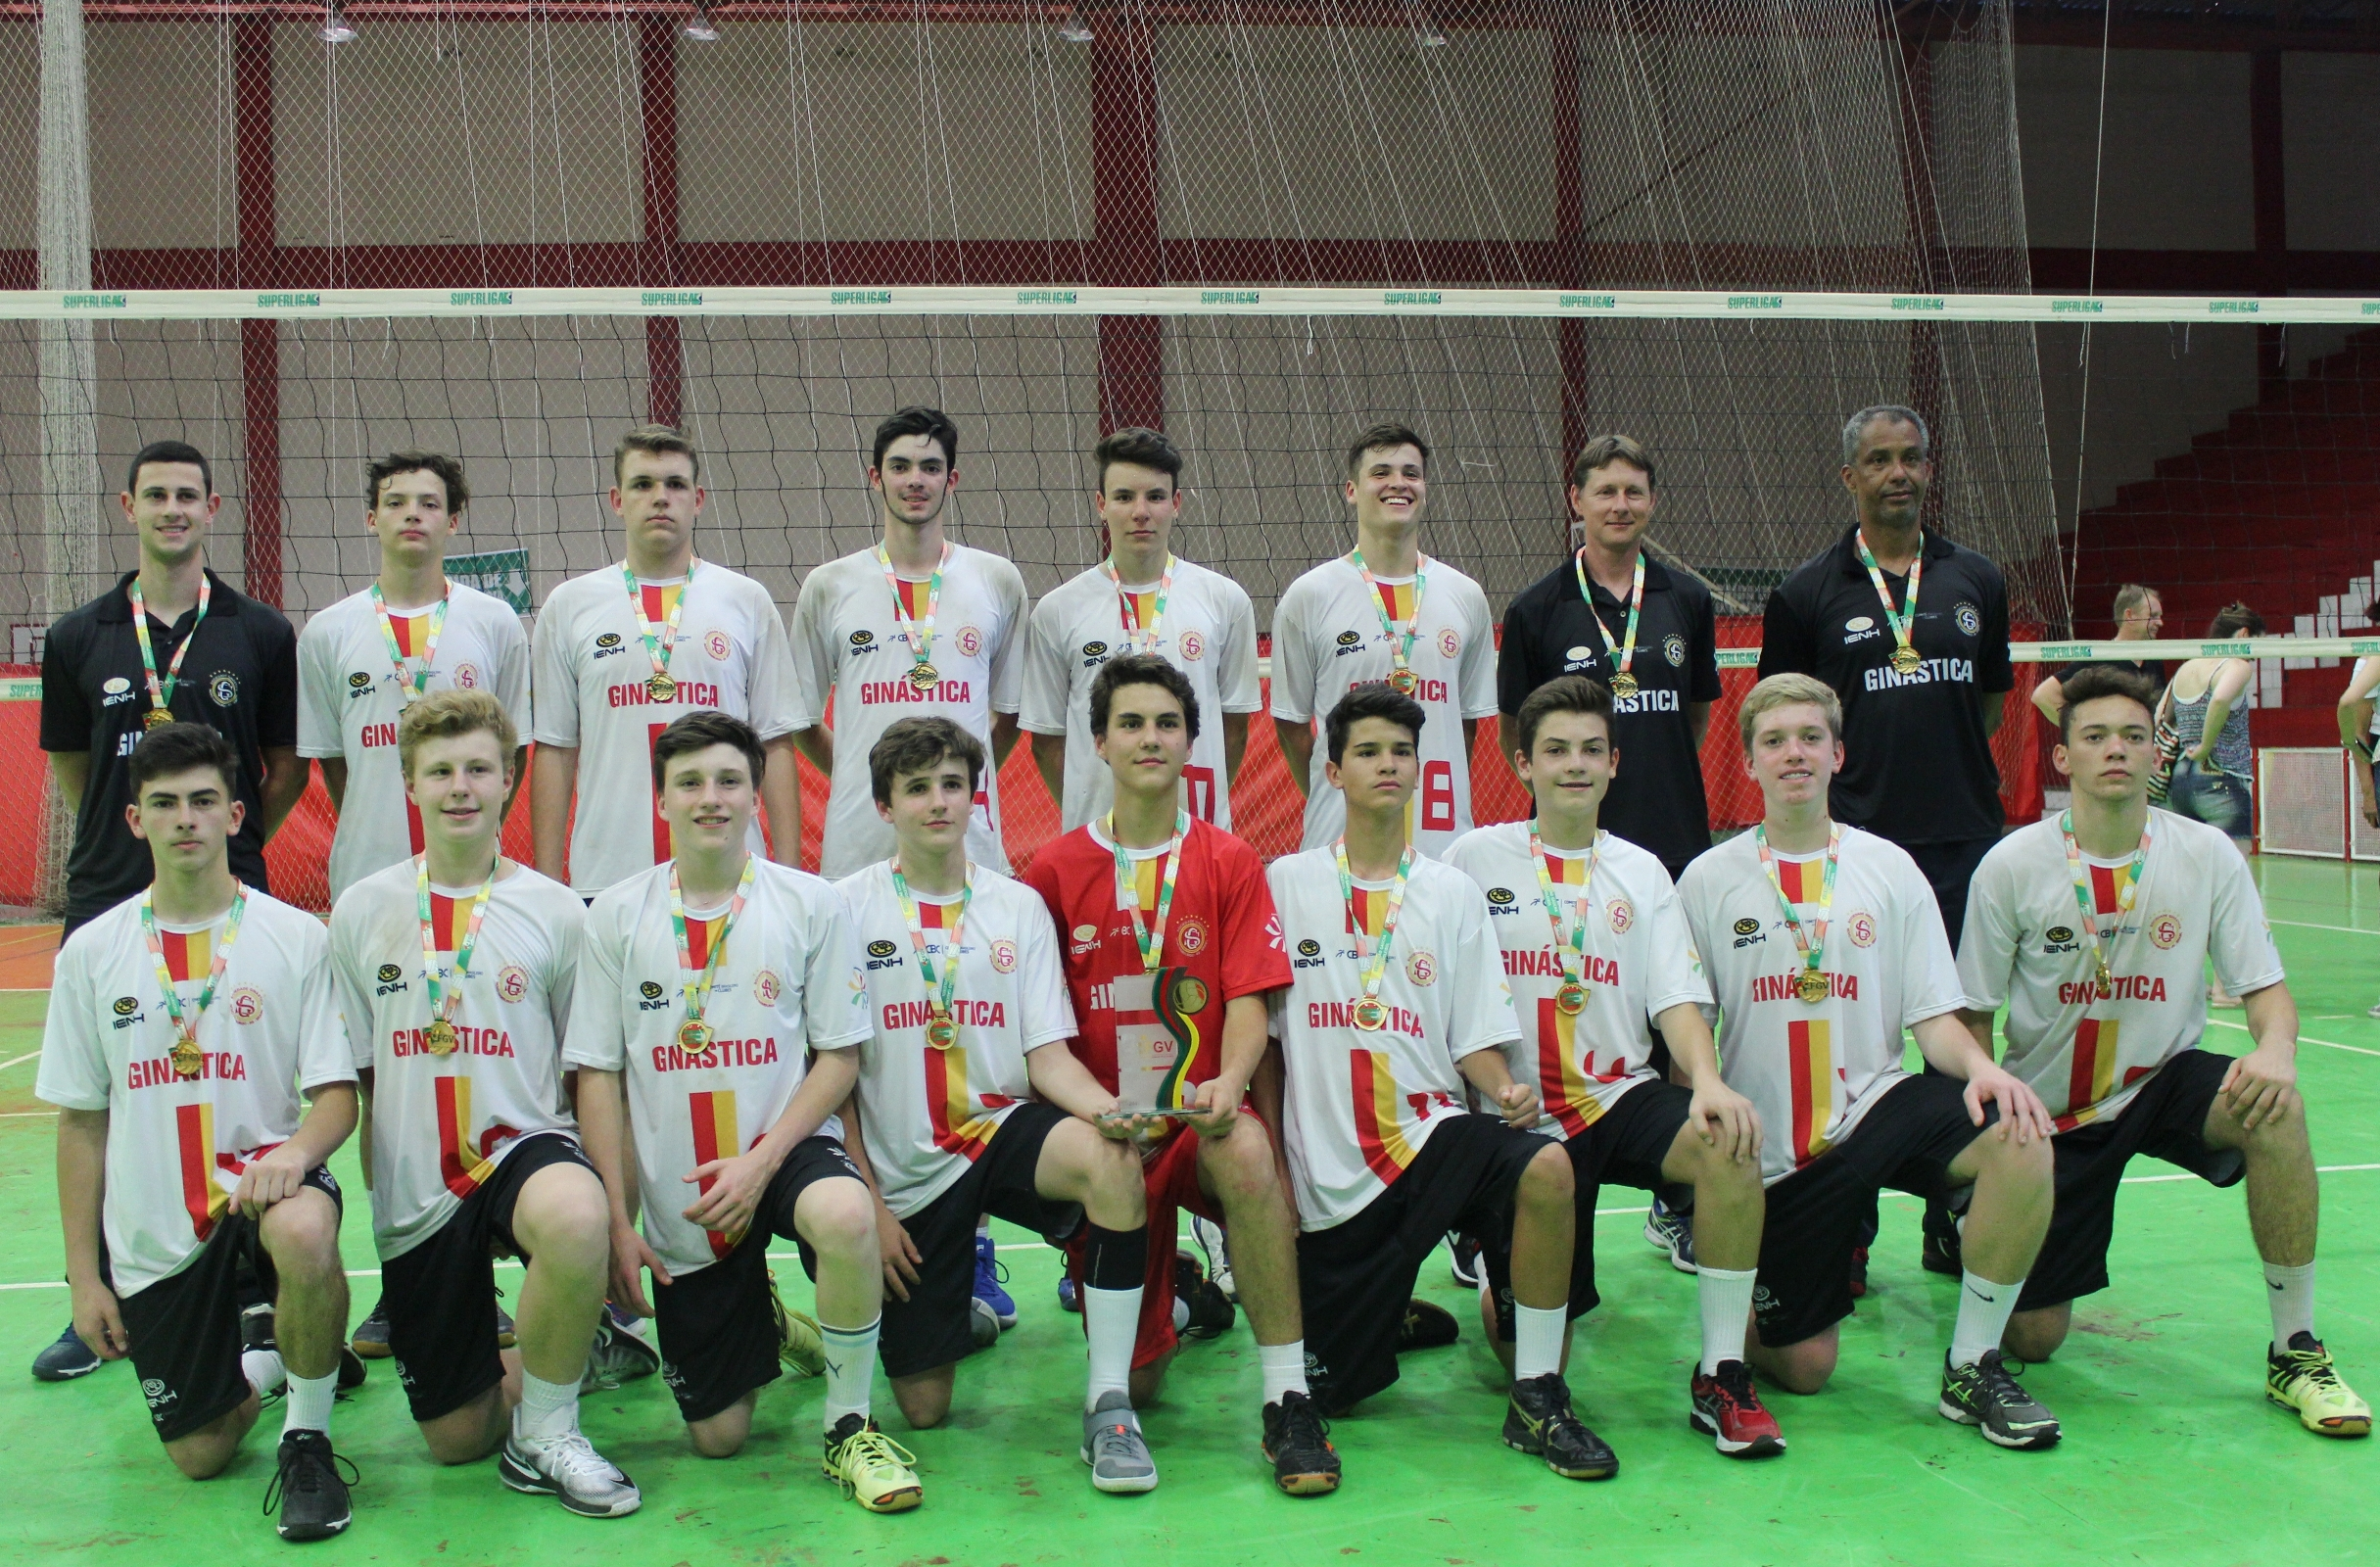 Equipe Ginástica/IENH é bicampeã no Estadual de Voleibol